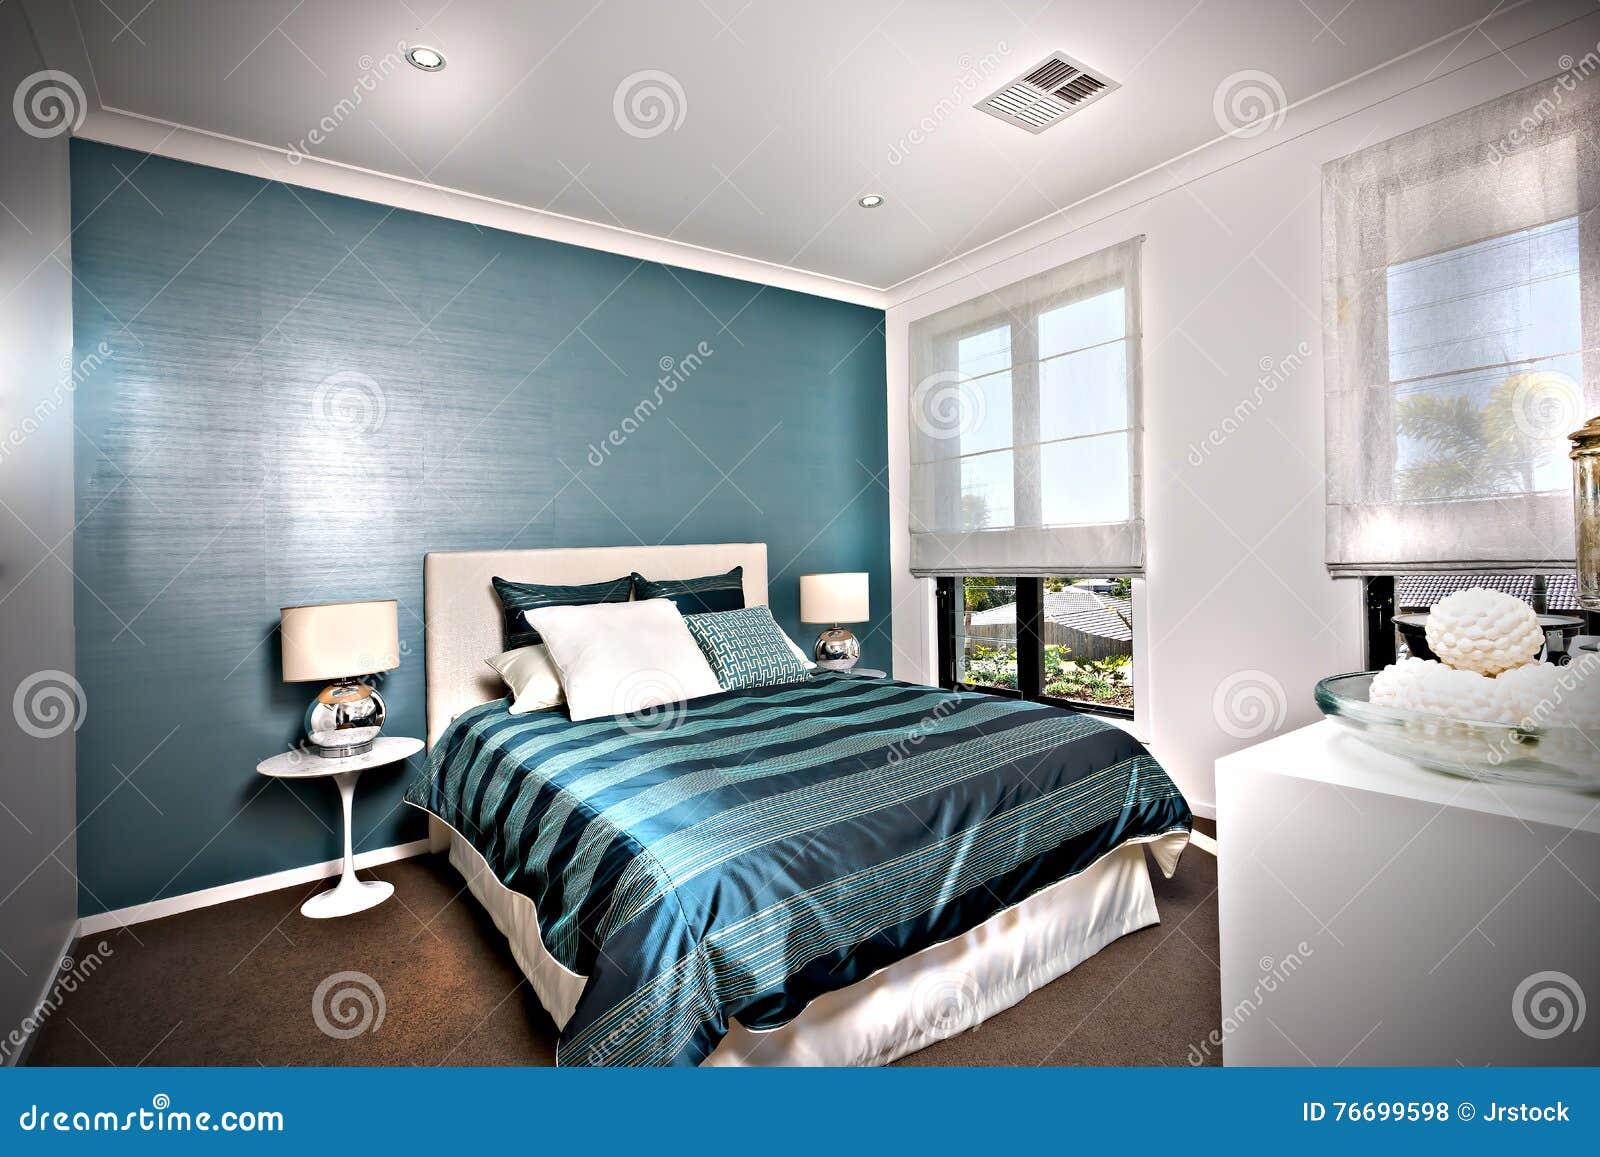 Decoratie Slaapkamer Muur : Glanzende en blauwe decoratieve slaapkamer met witte muren stock